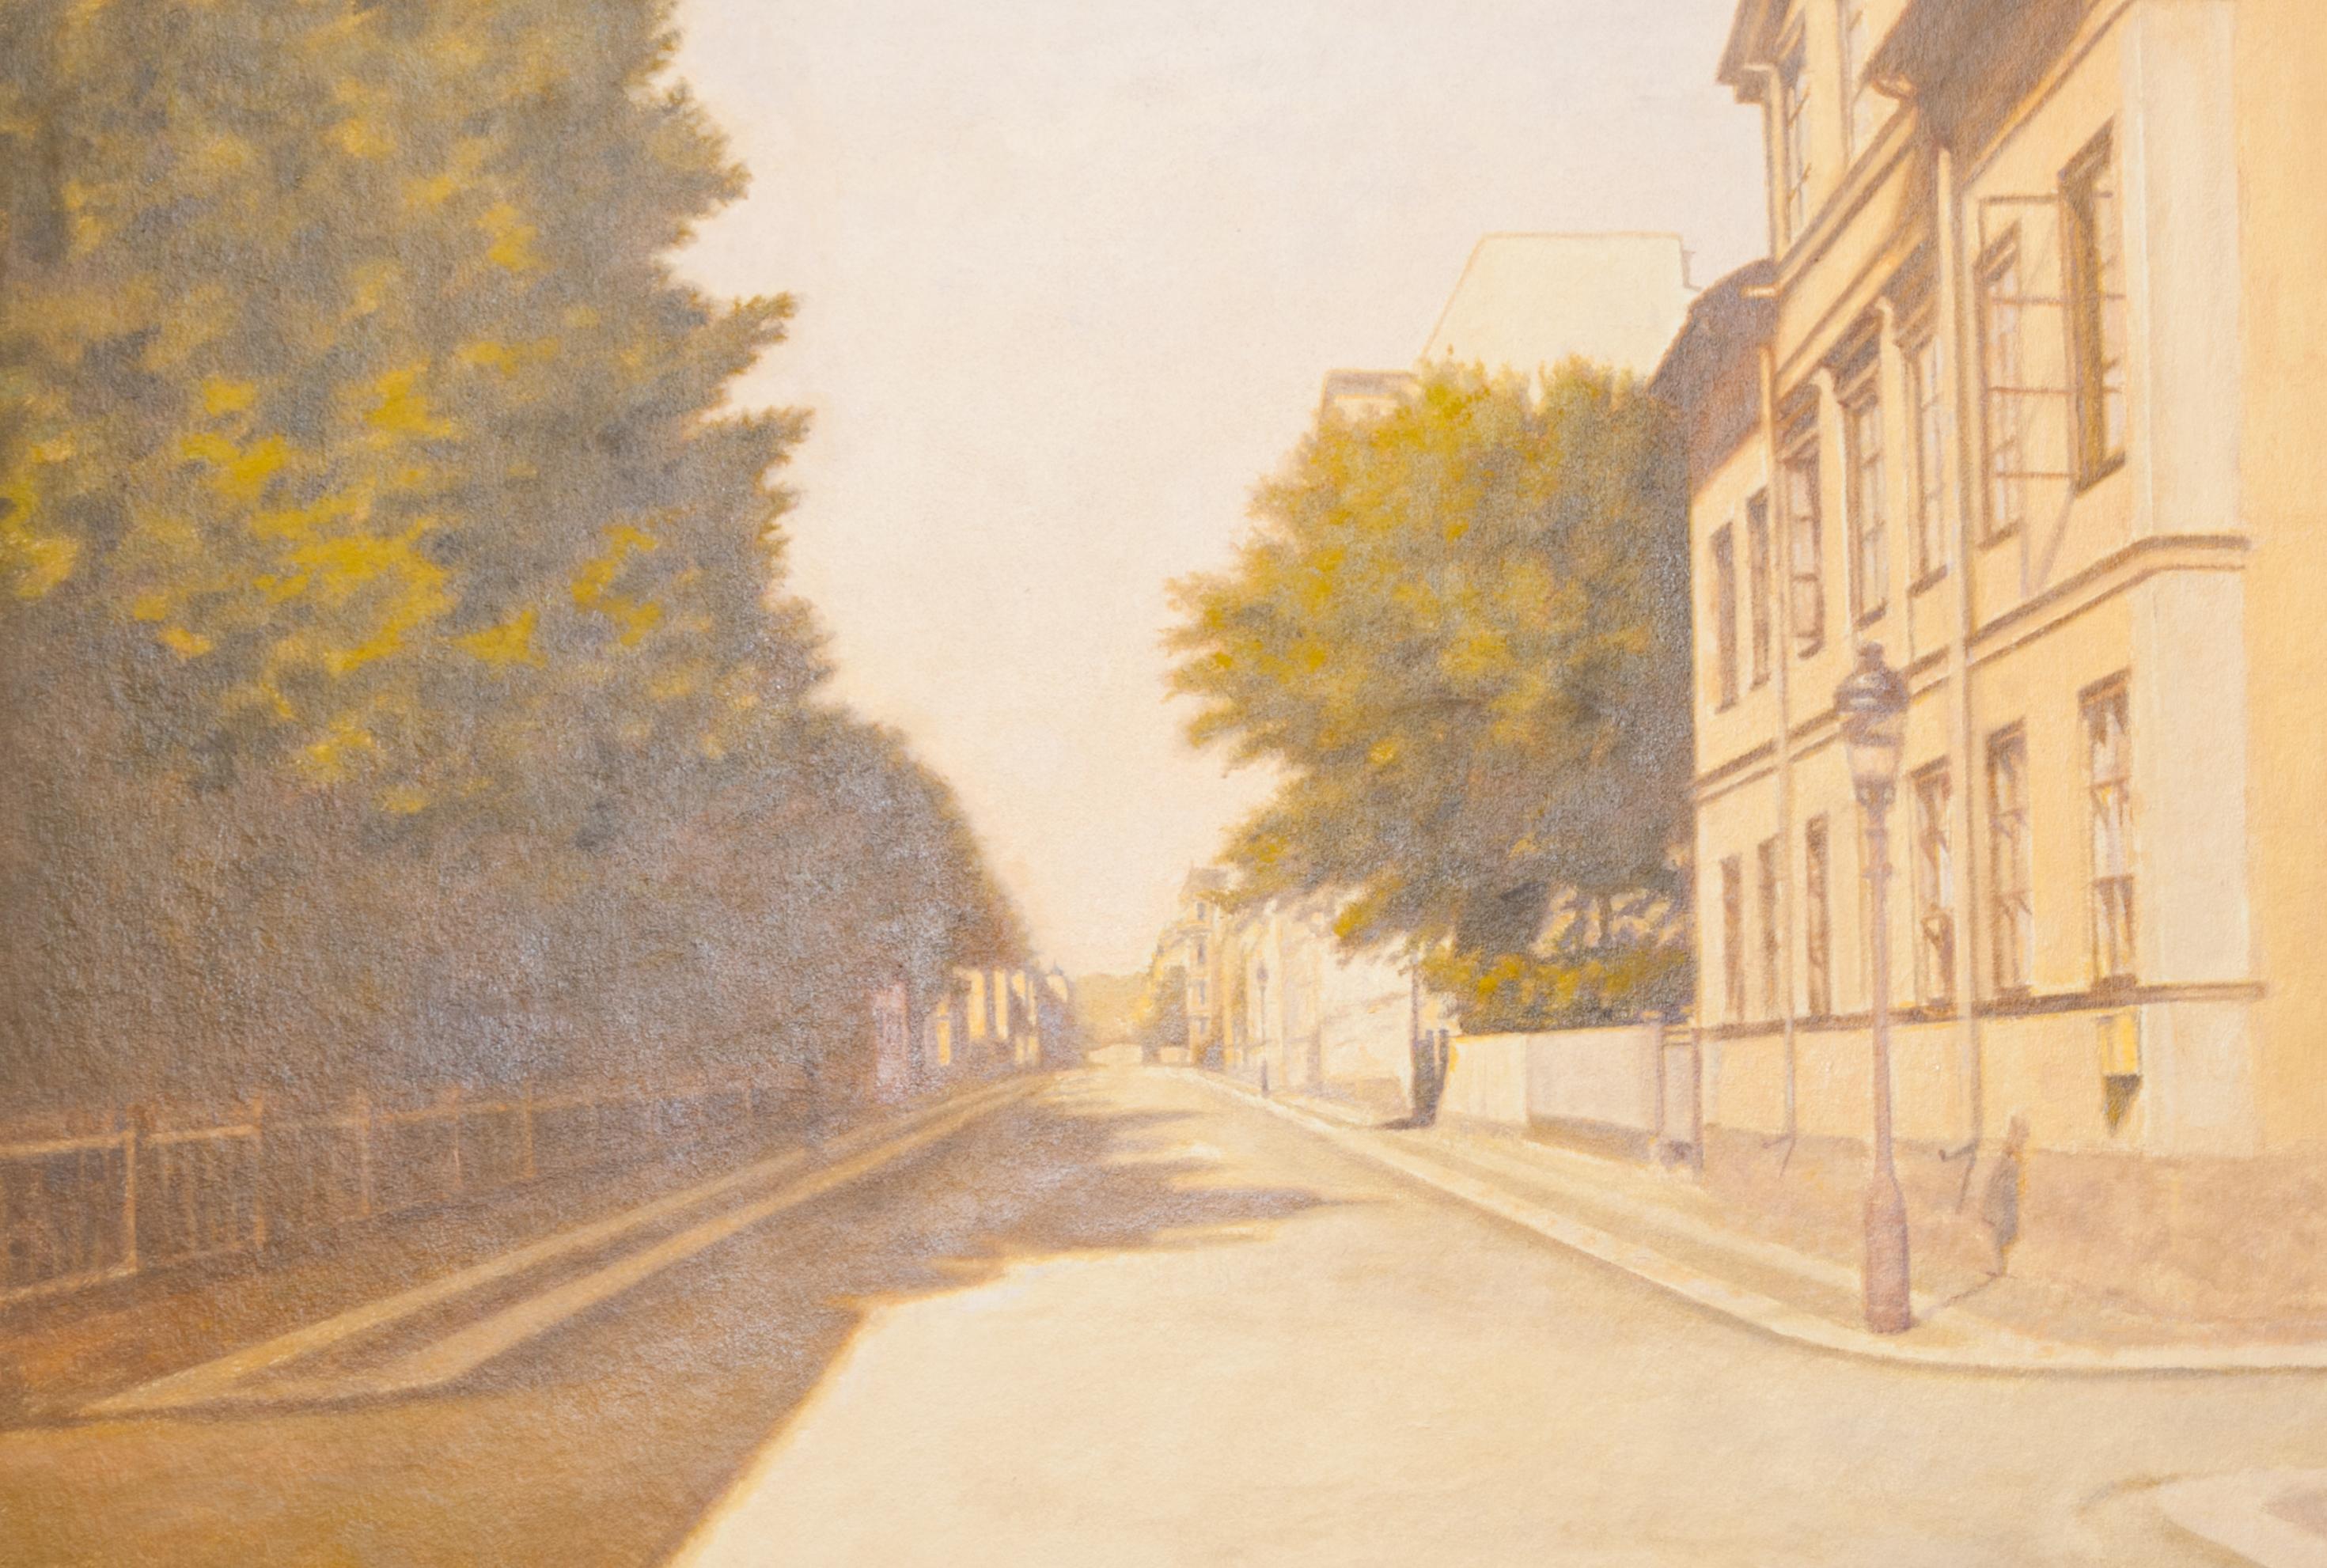 Utsikt från Snickaregatan uppåt Drottninggatan (1910)